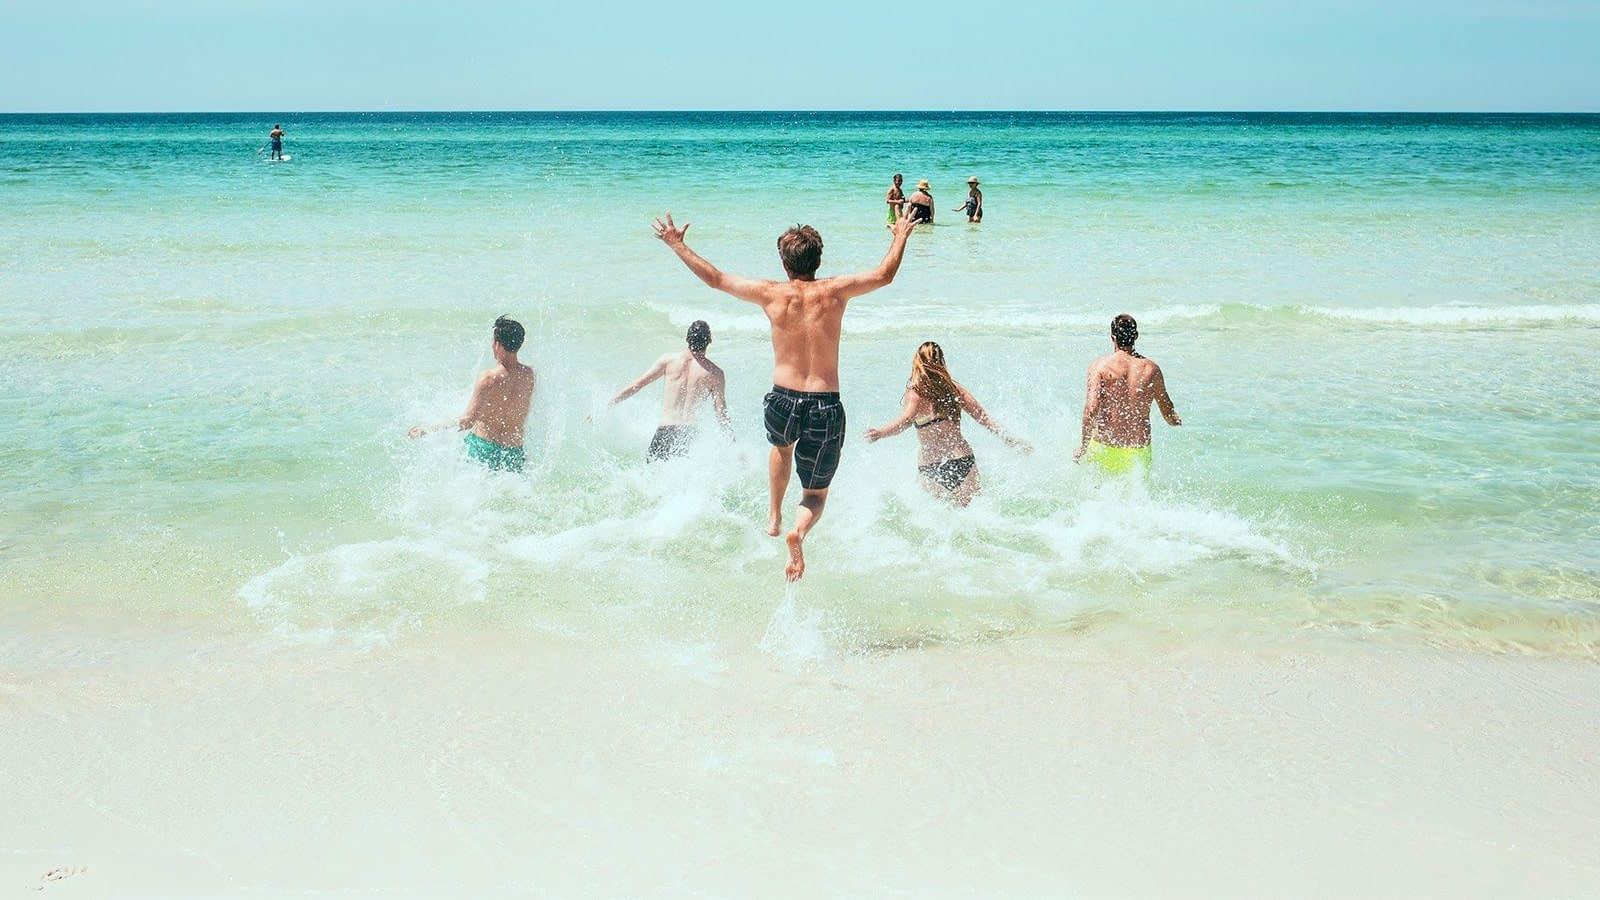 Voyage surprise à la plage de Wish&Fly